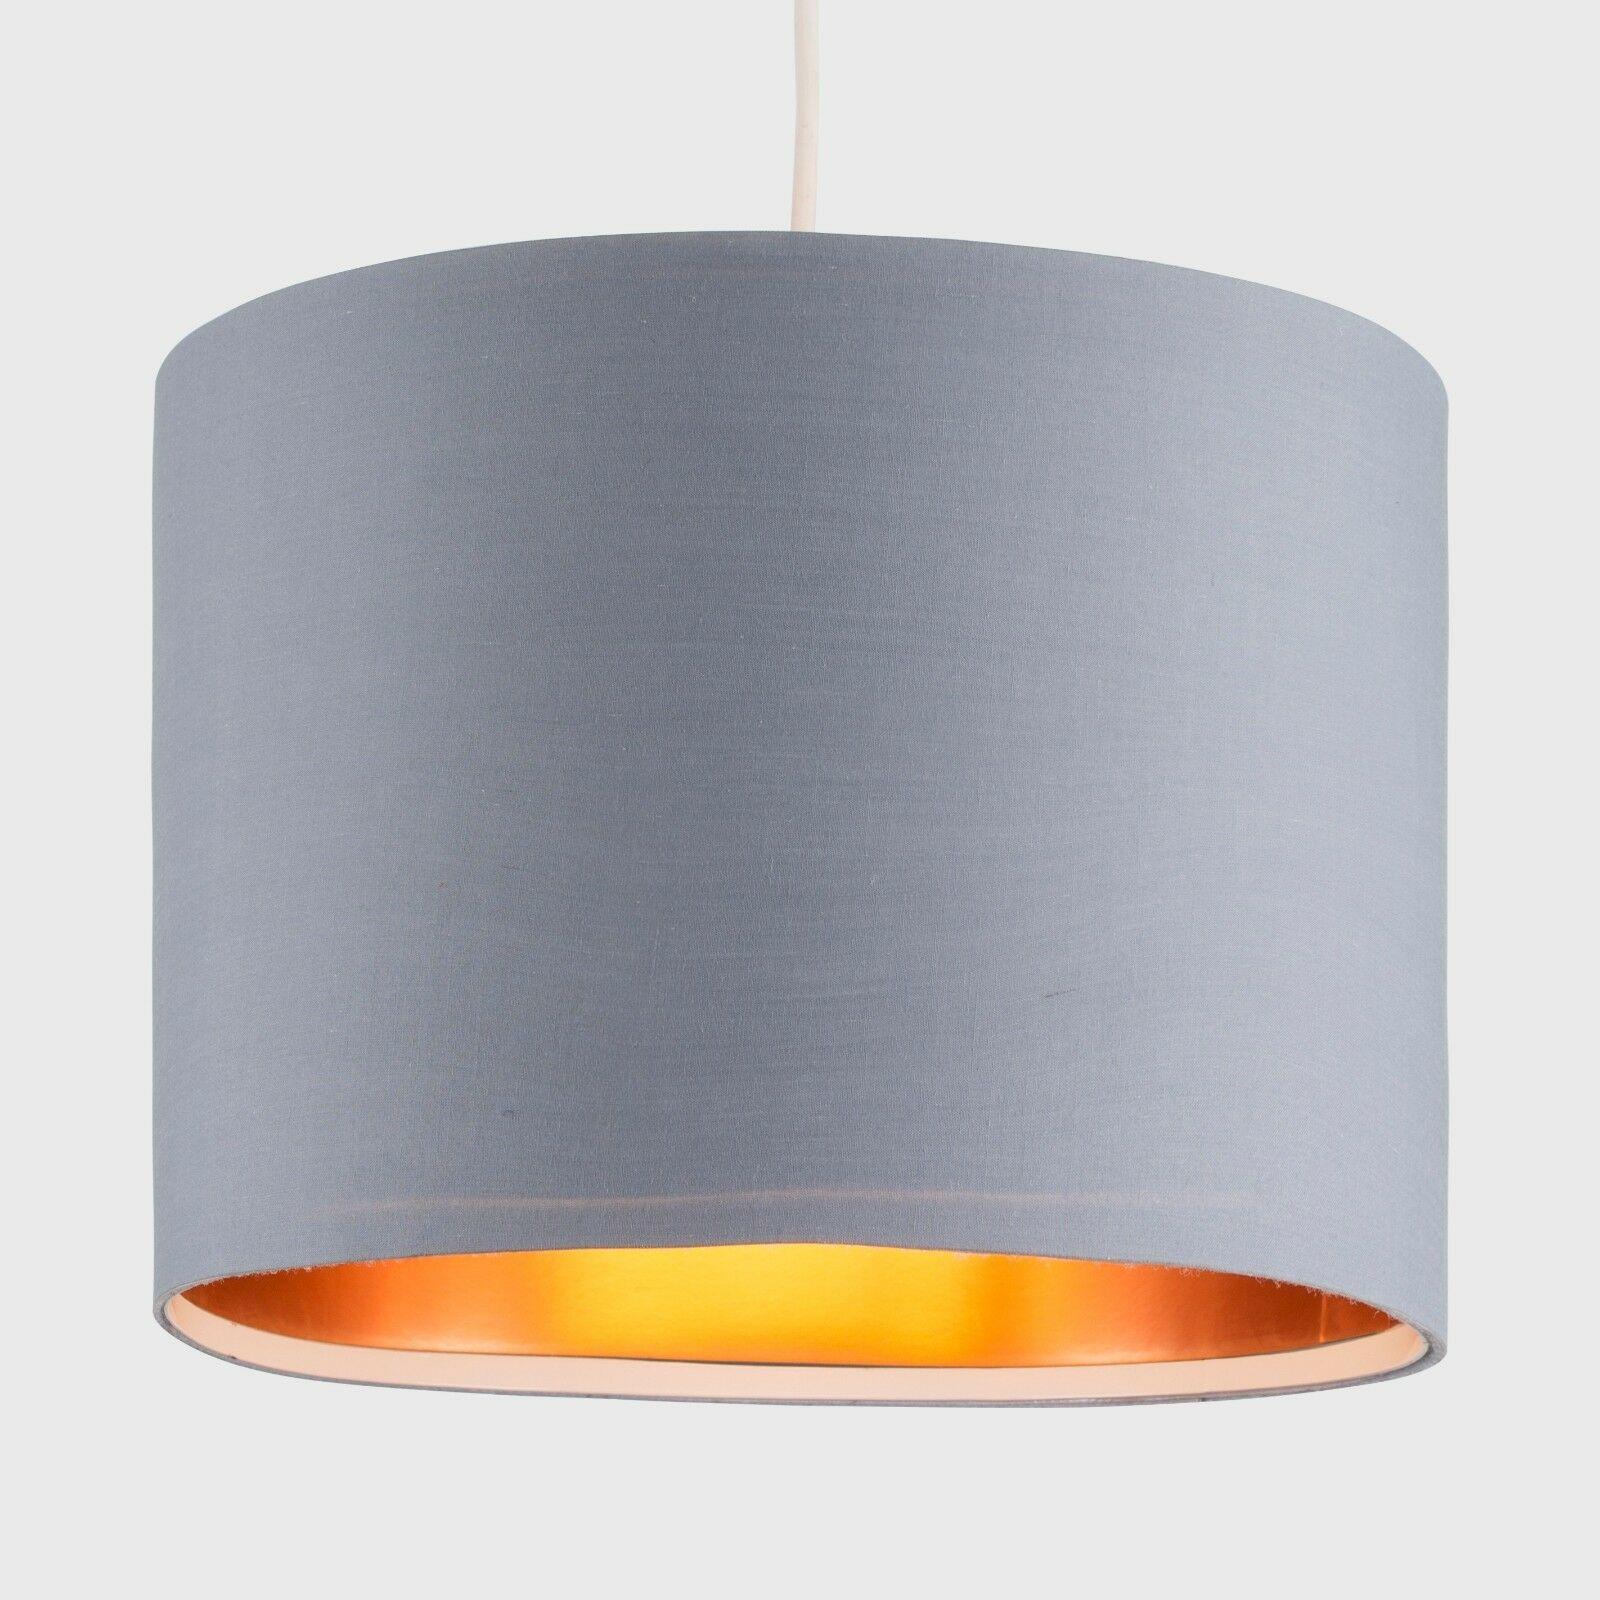 Modern-in-tessuto-cotone-Easy-Fit-Soffitto-Ciondolo-Luce-a-tamburo-Tonalita-Tavolo-Paralume miniatura 132